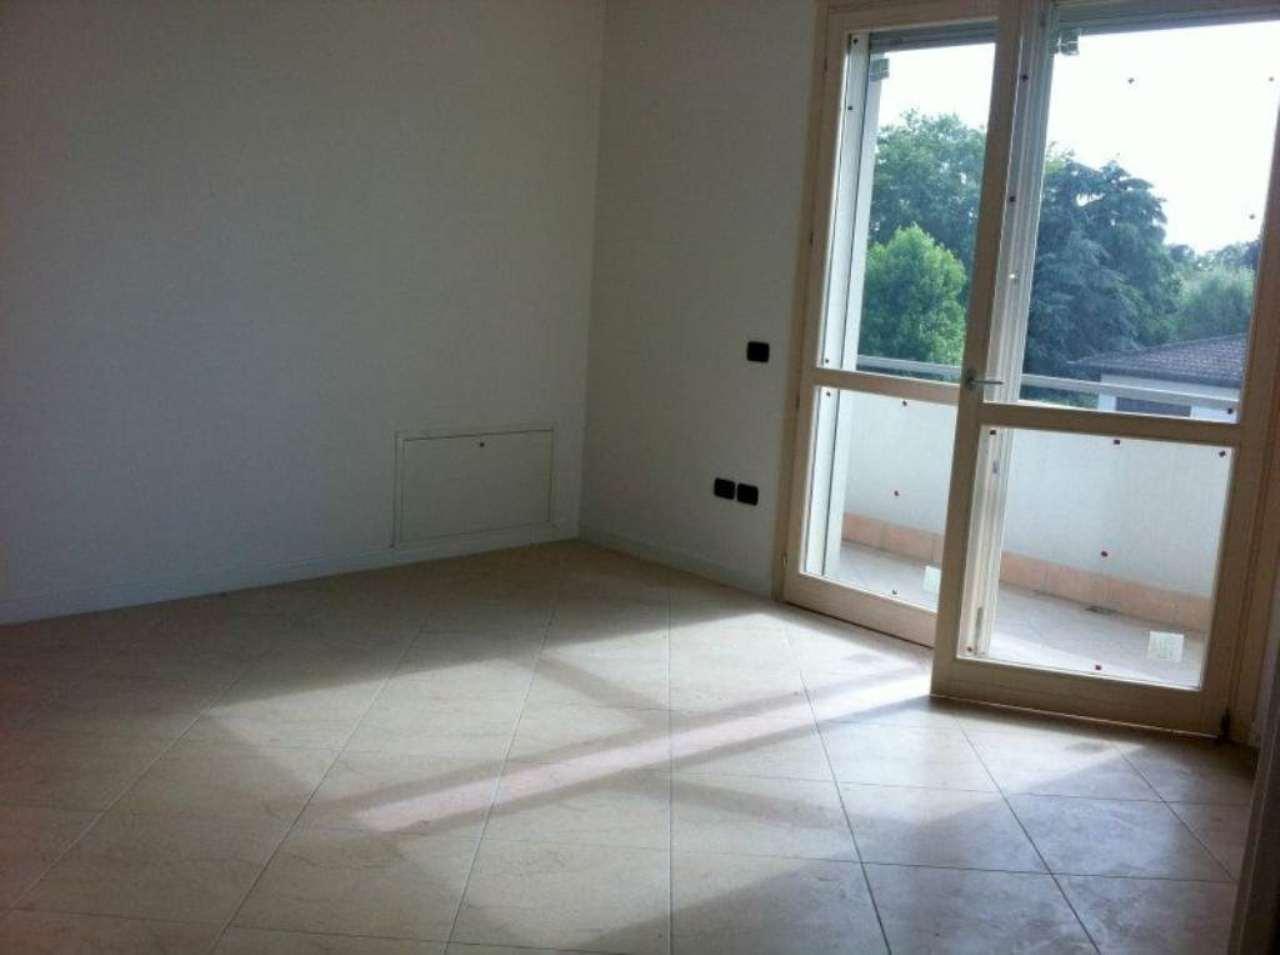 Appartamento in vendita a Saonara, 3 locali, prezzo € 168.000 | Cambio Casa.it